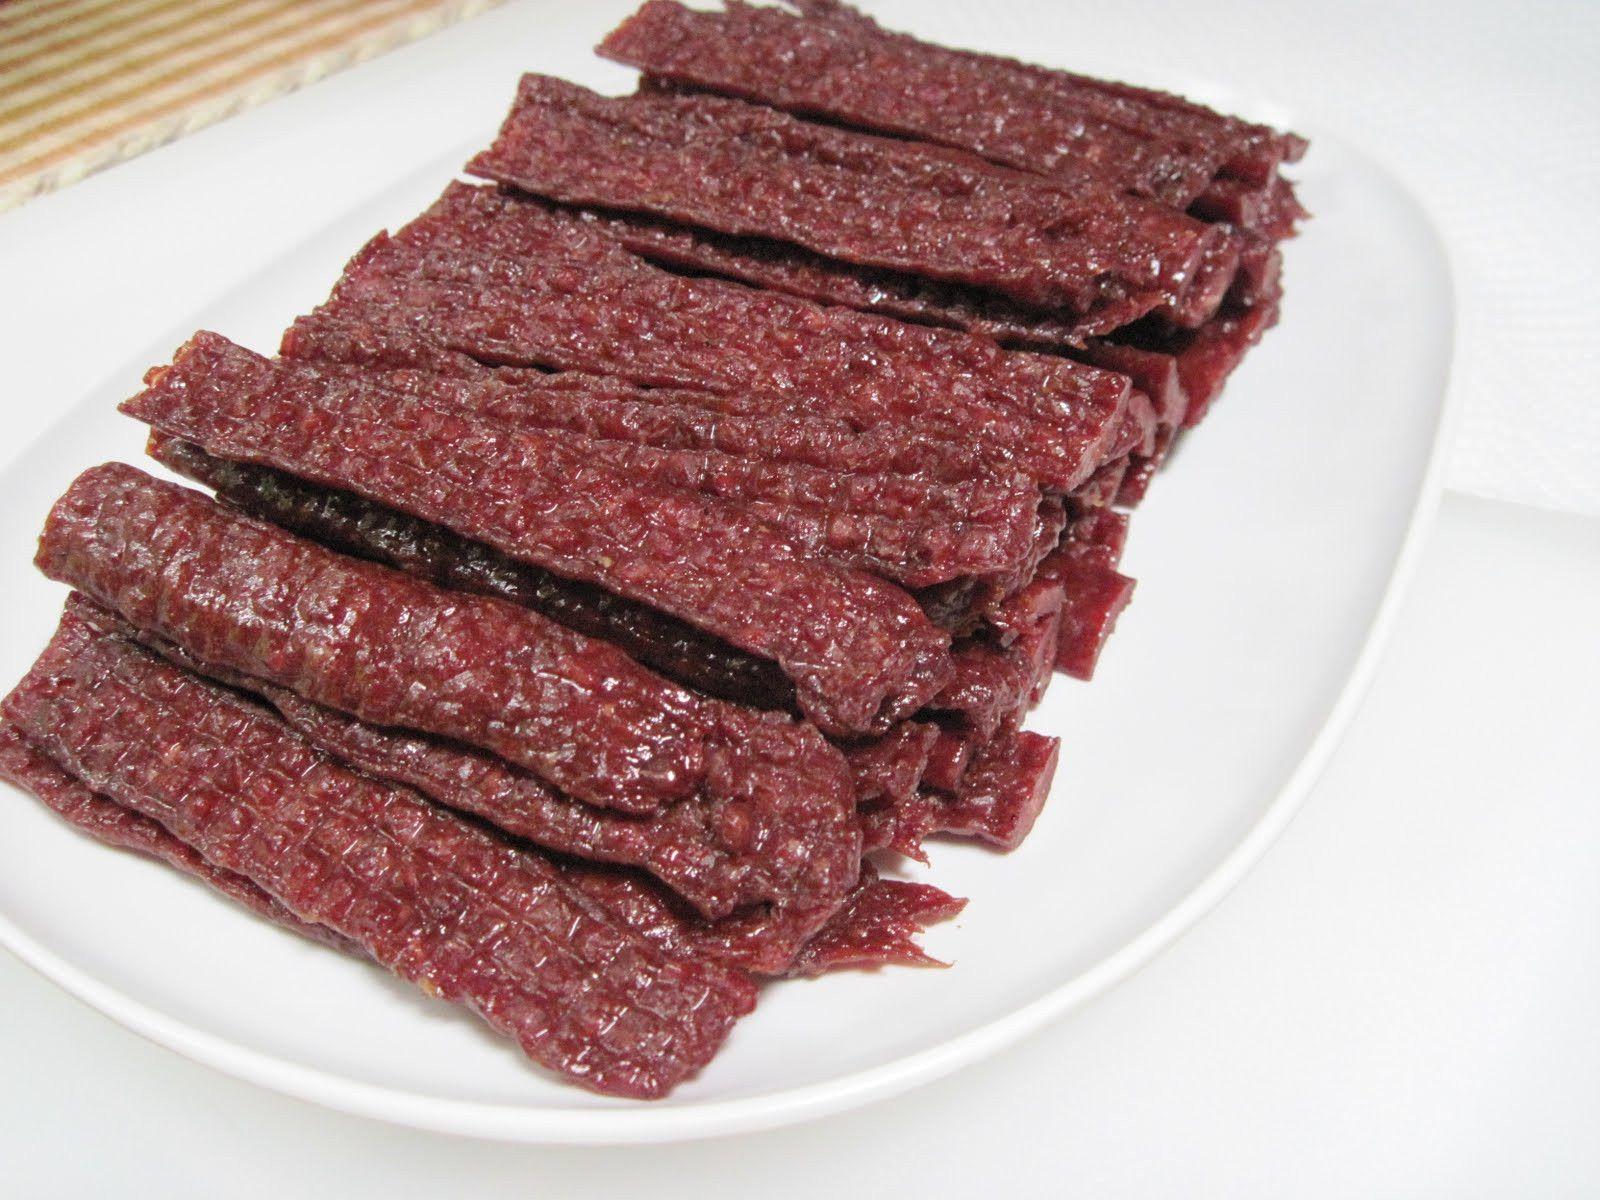 Top 20 Ground Beef Jerky Best Recipes Ever Beef Jerky Recipes Ground Beef Jerky Recipe Jerky Recipes